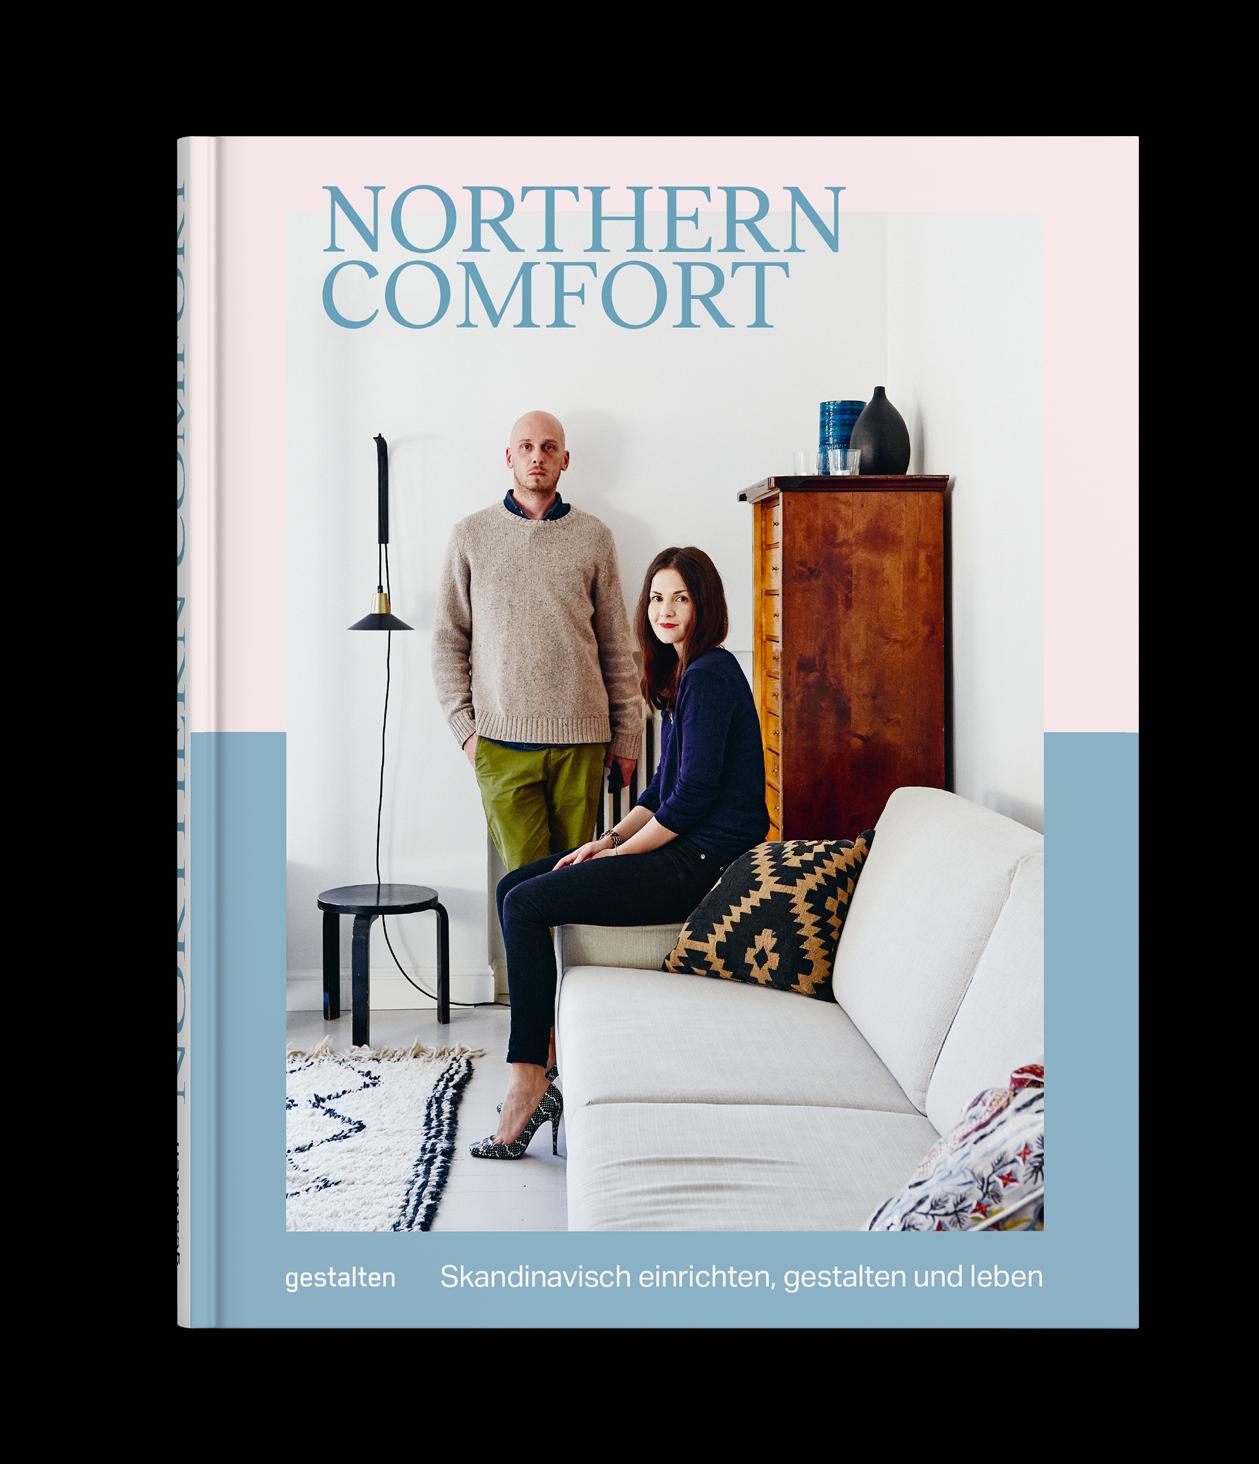 Nothern Comfort